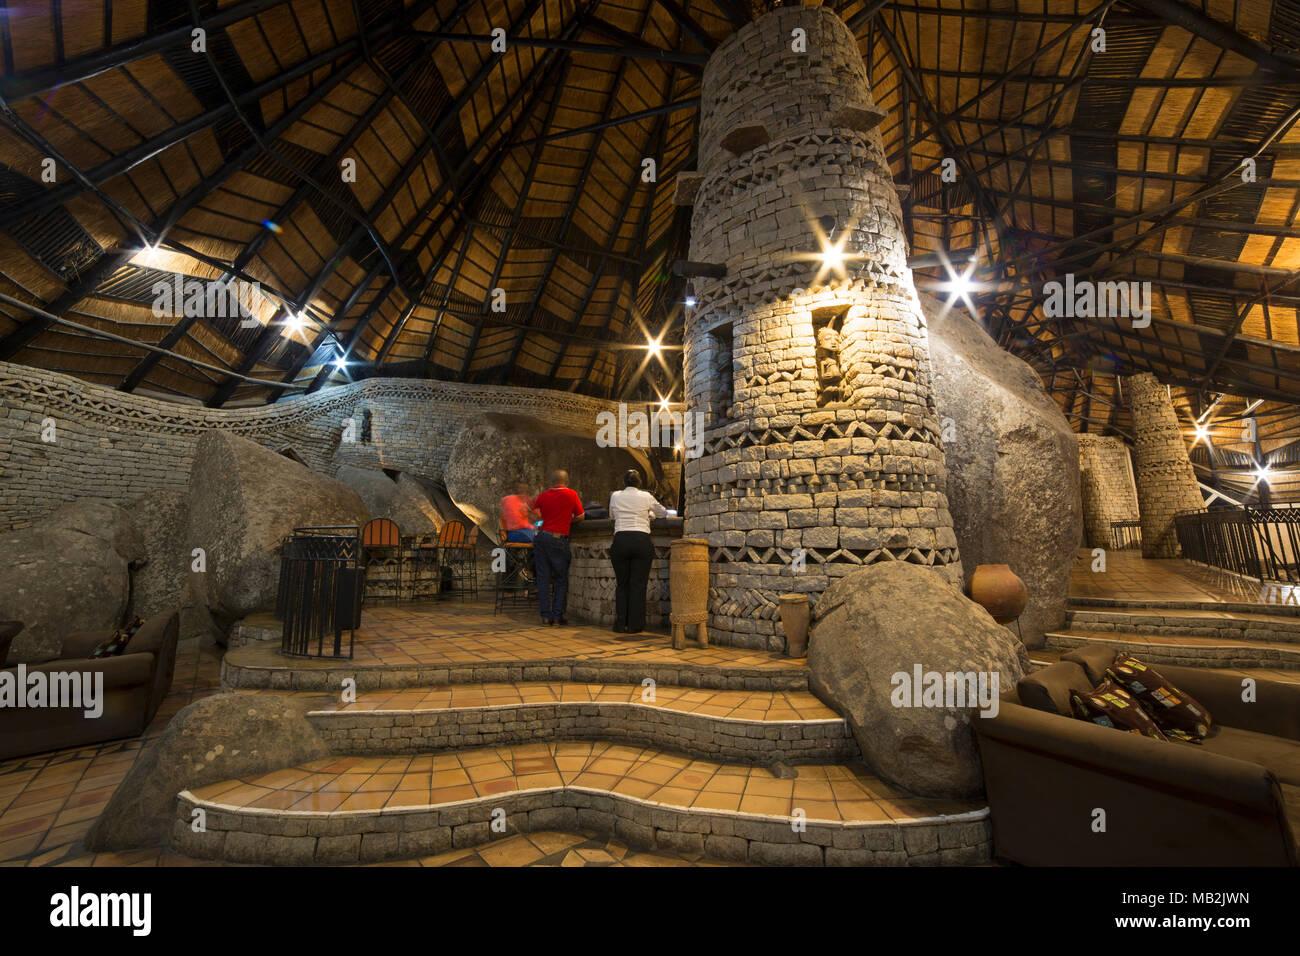 Bar dans la salle à manger commune à l'hôtel à la vieille ville, près de Harare au Zimbabwe. Photo Stock